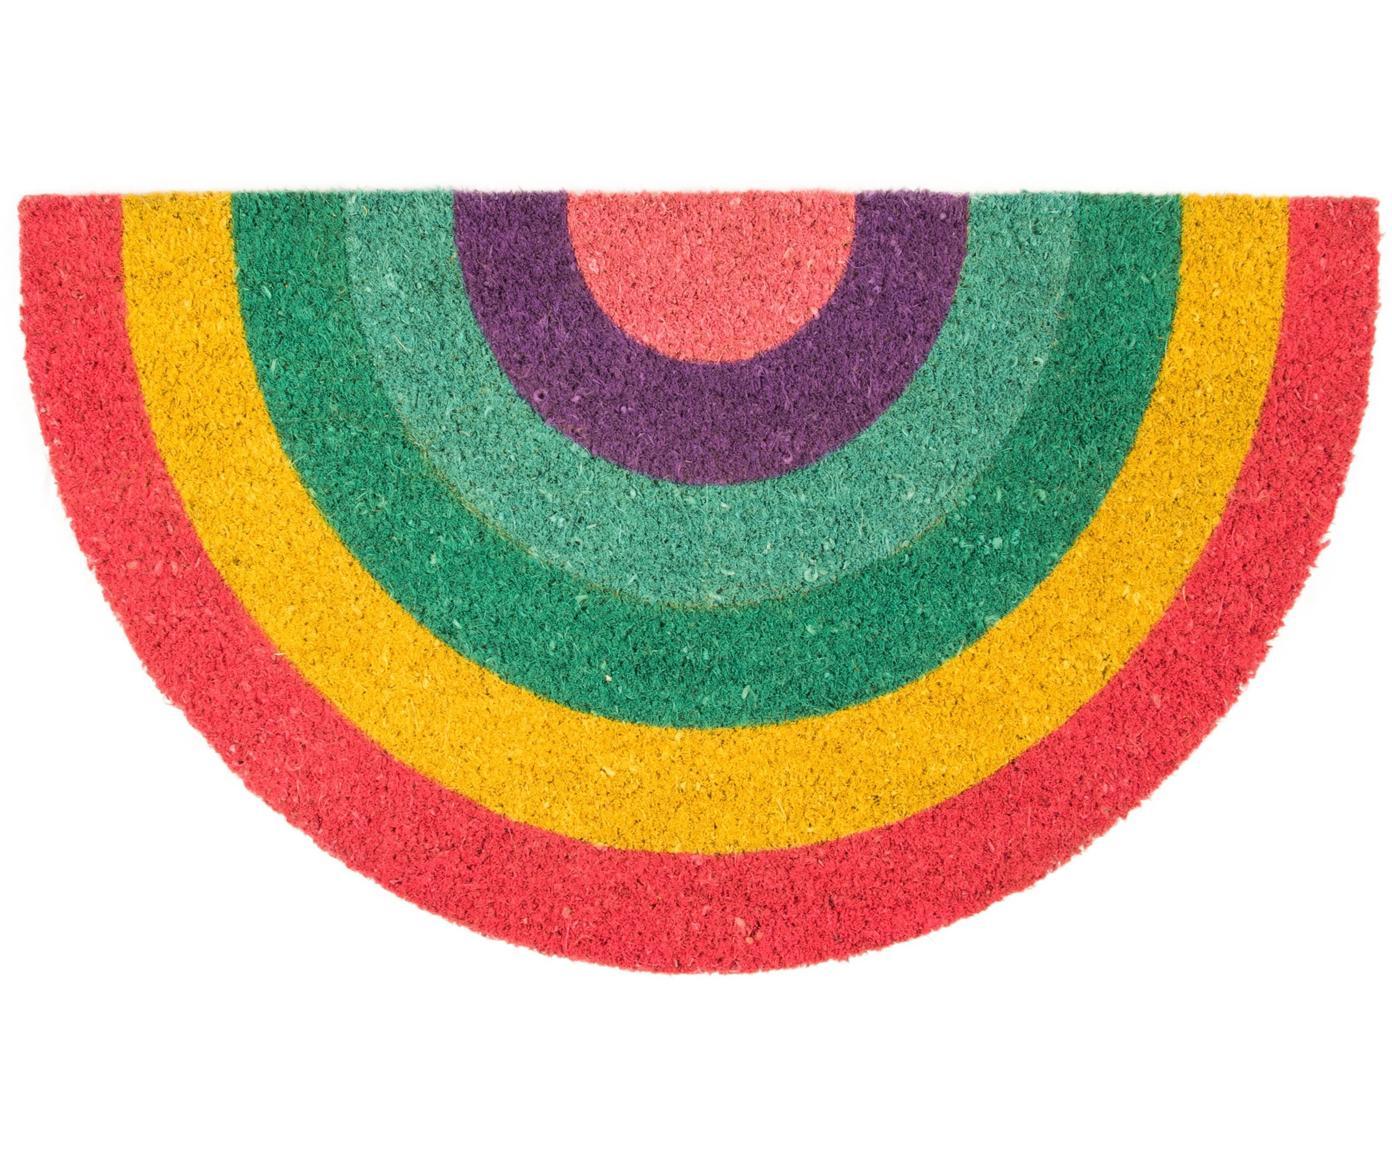 Fußmatte Rainbow, Oberseite: Kokosfaser, Unterseite: PVC, Mehrfarbig, 40 x 70 cm